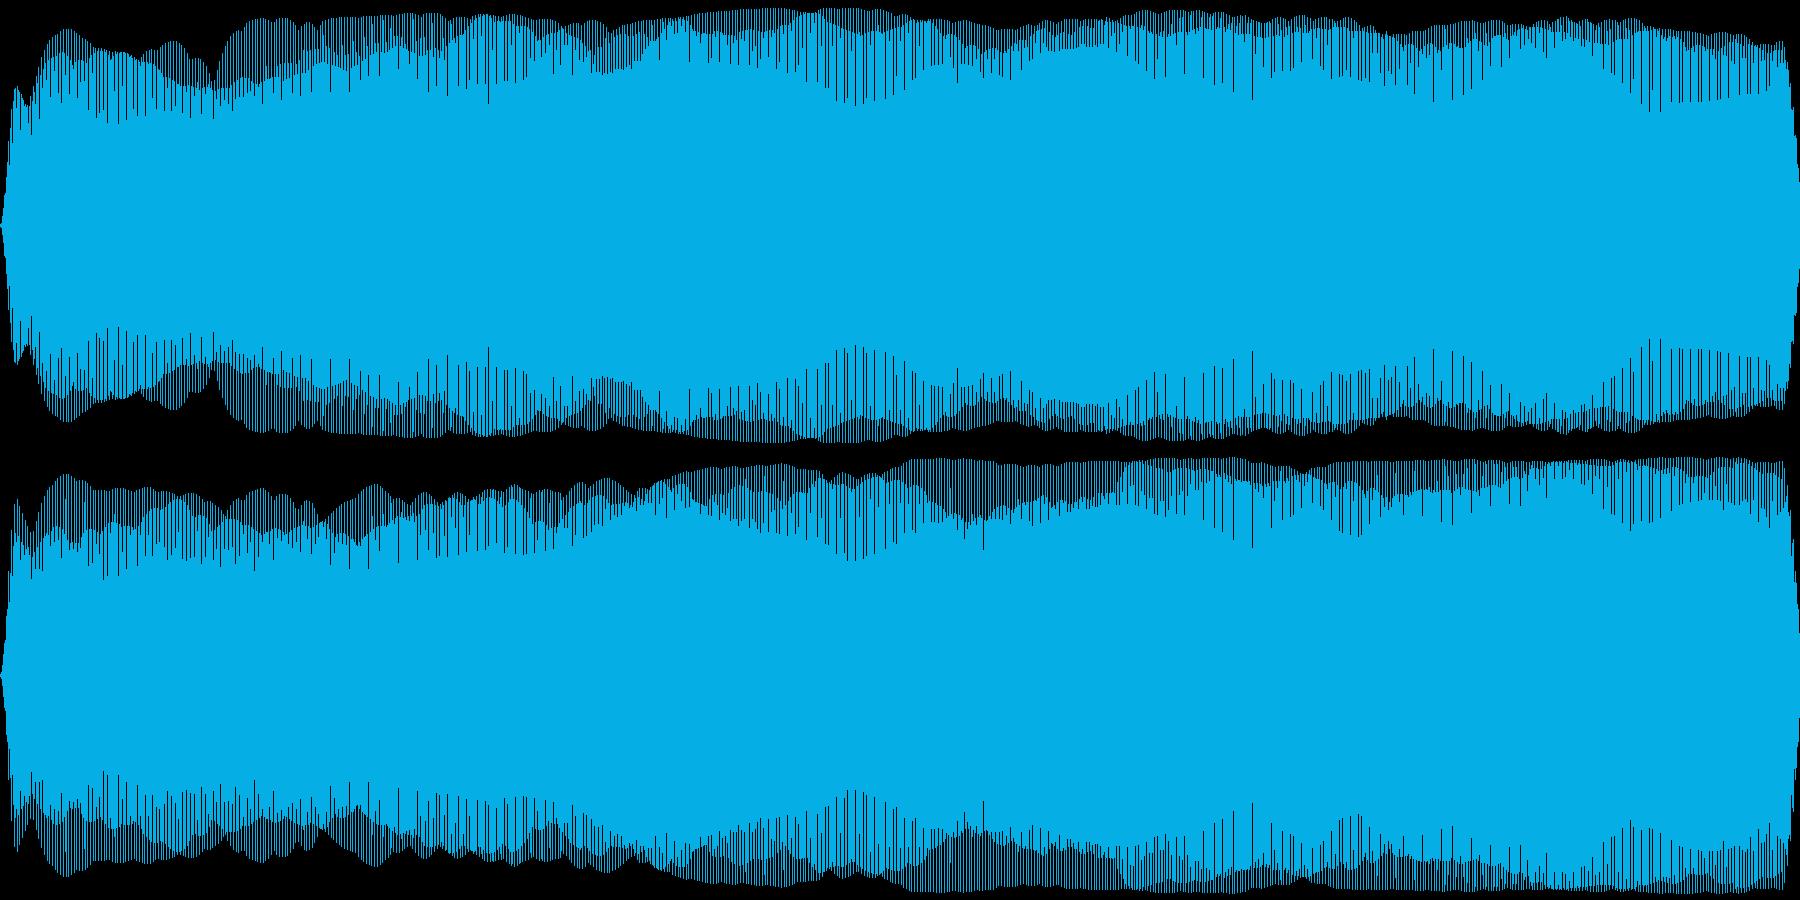 ひげ剃り機、電気シェーバー(剃る音なし)の再生済みの波形